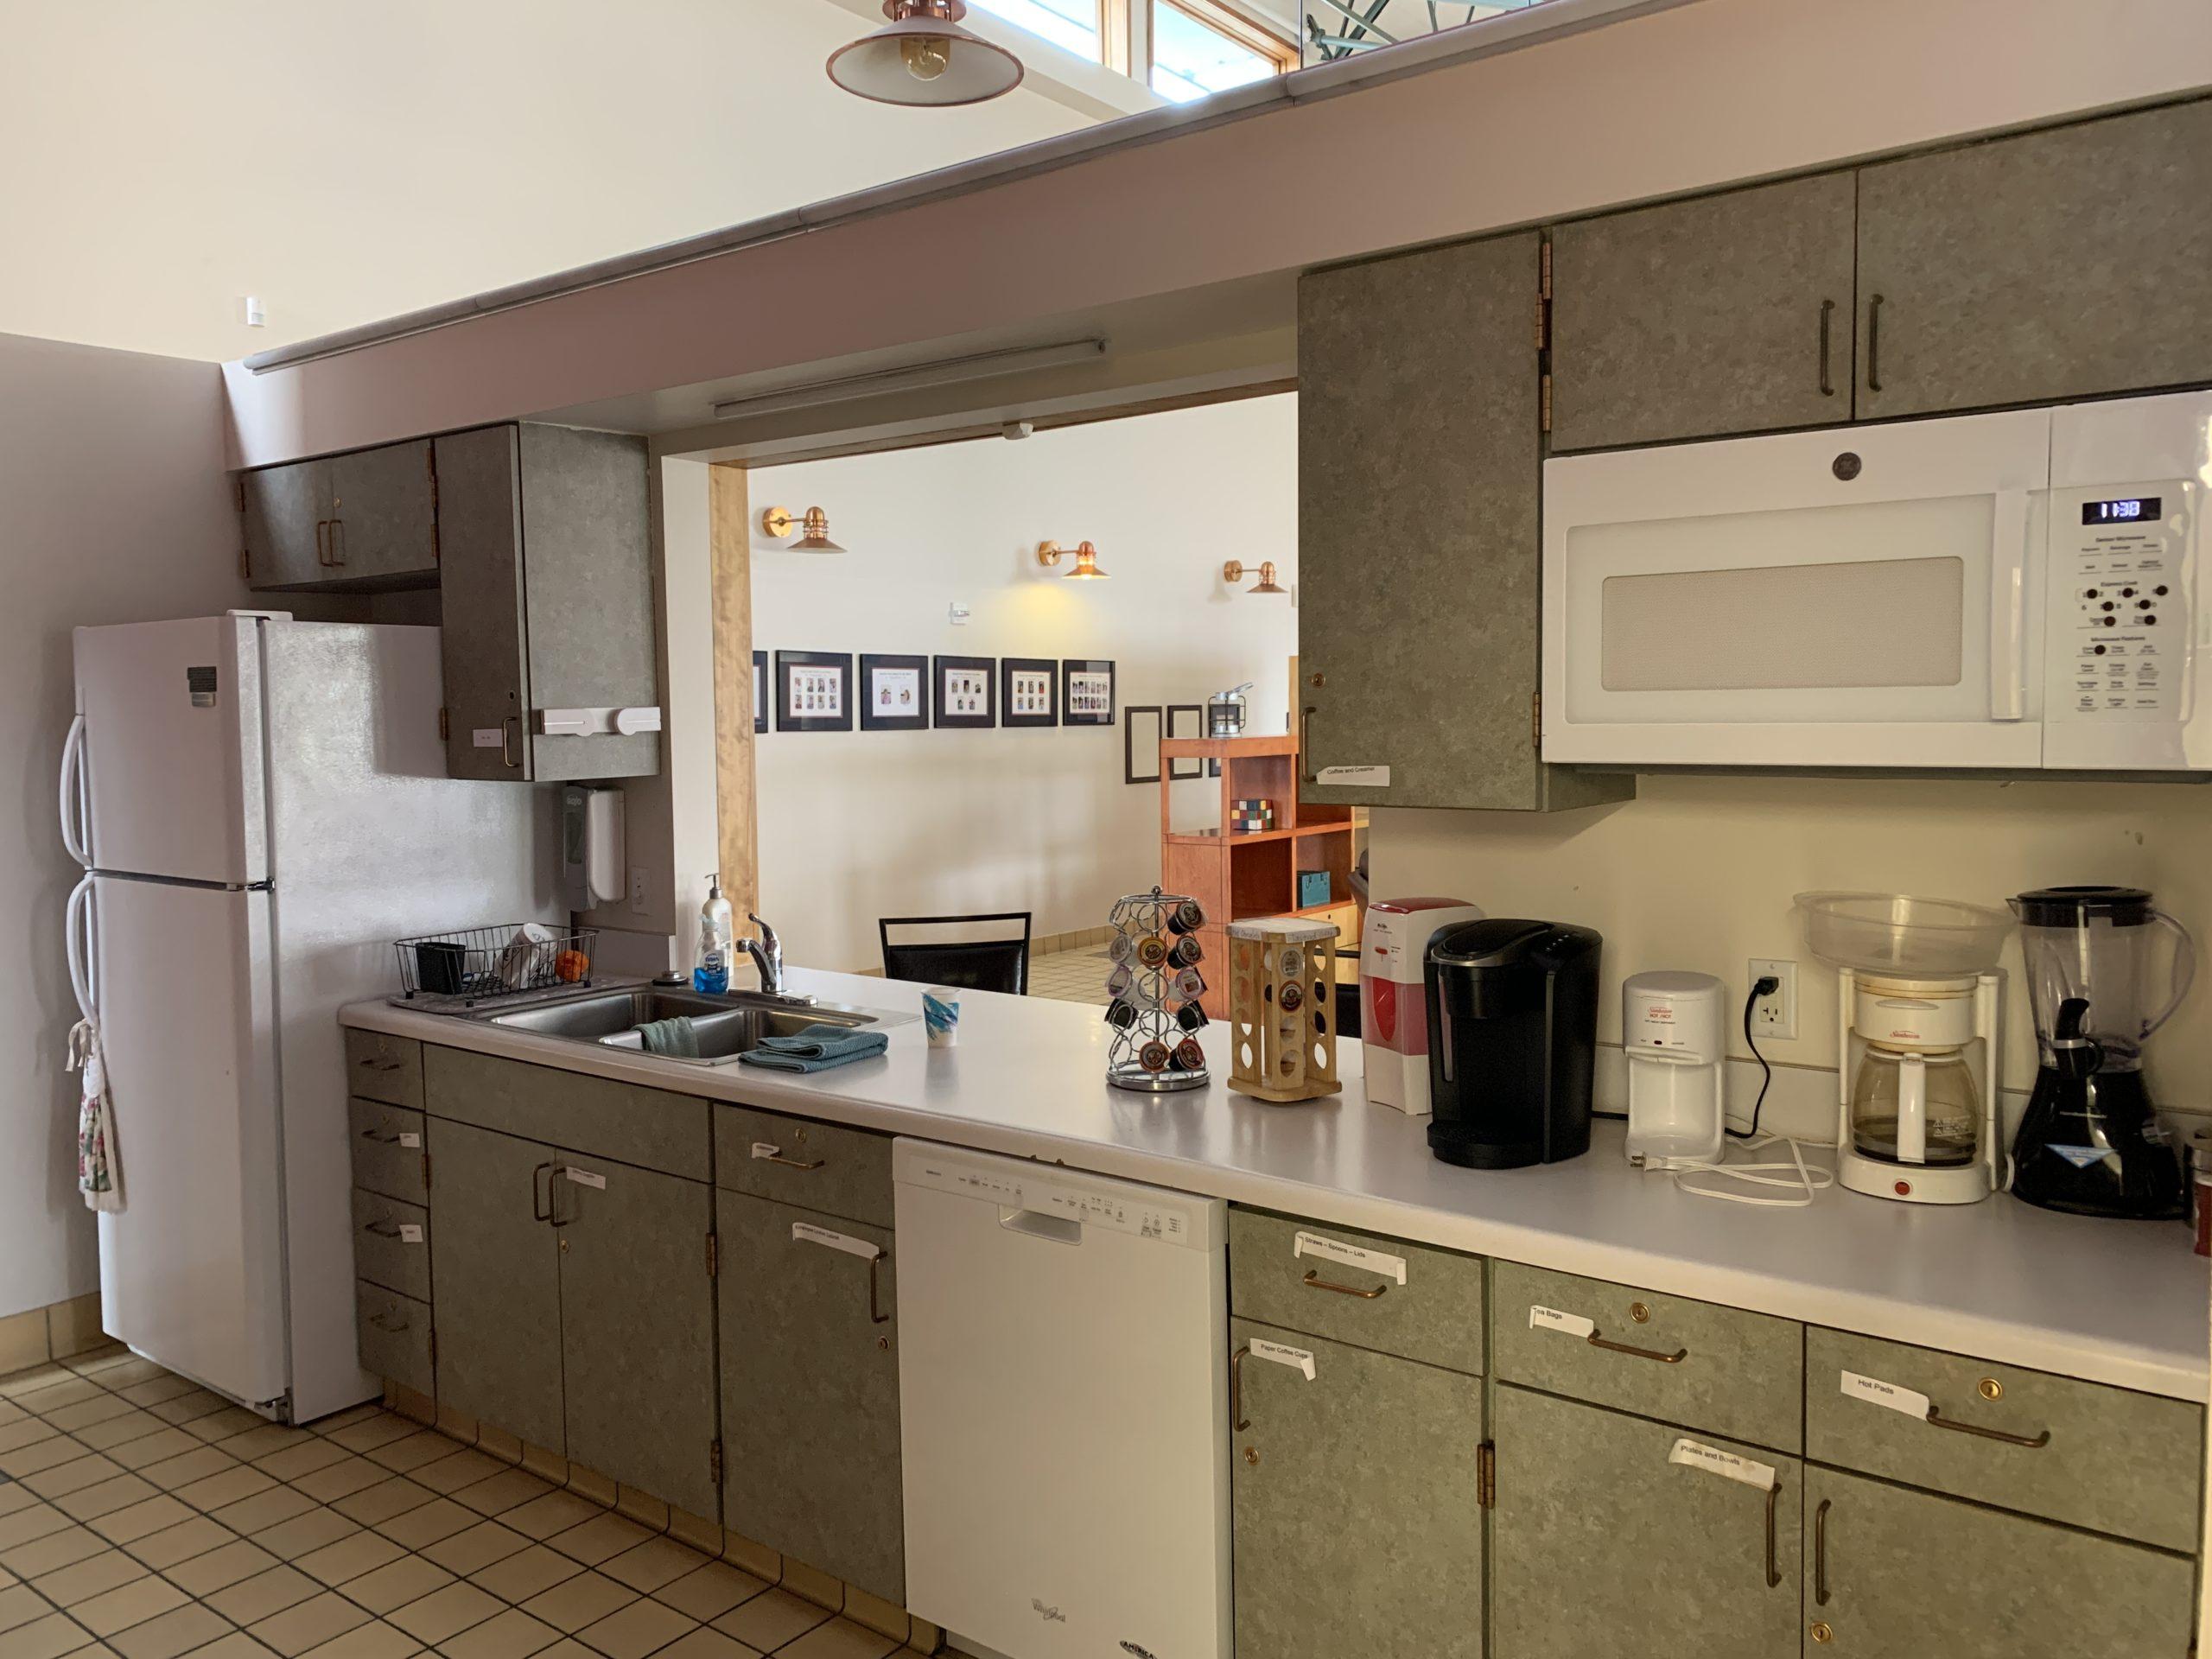 Edlund Kitchen On Upper Level